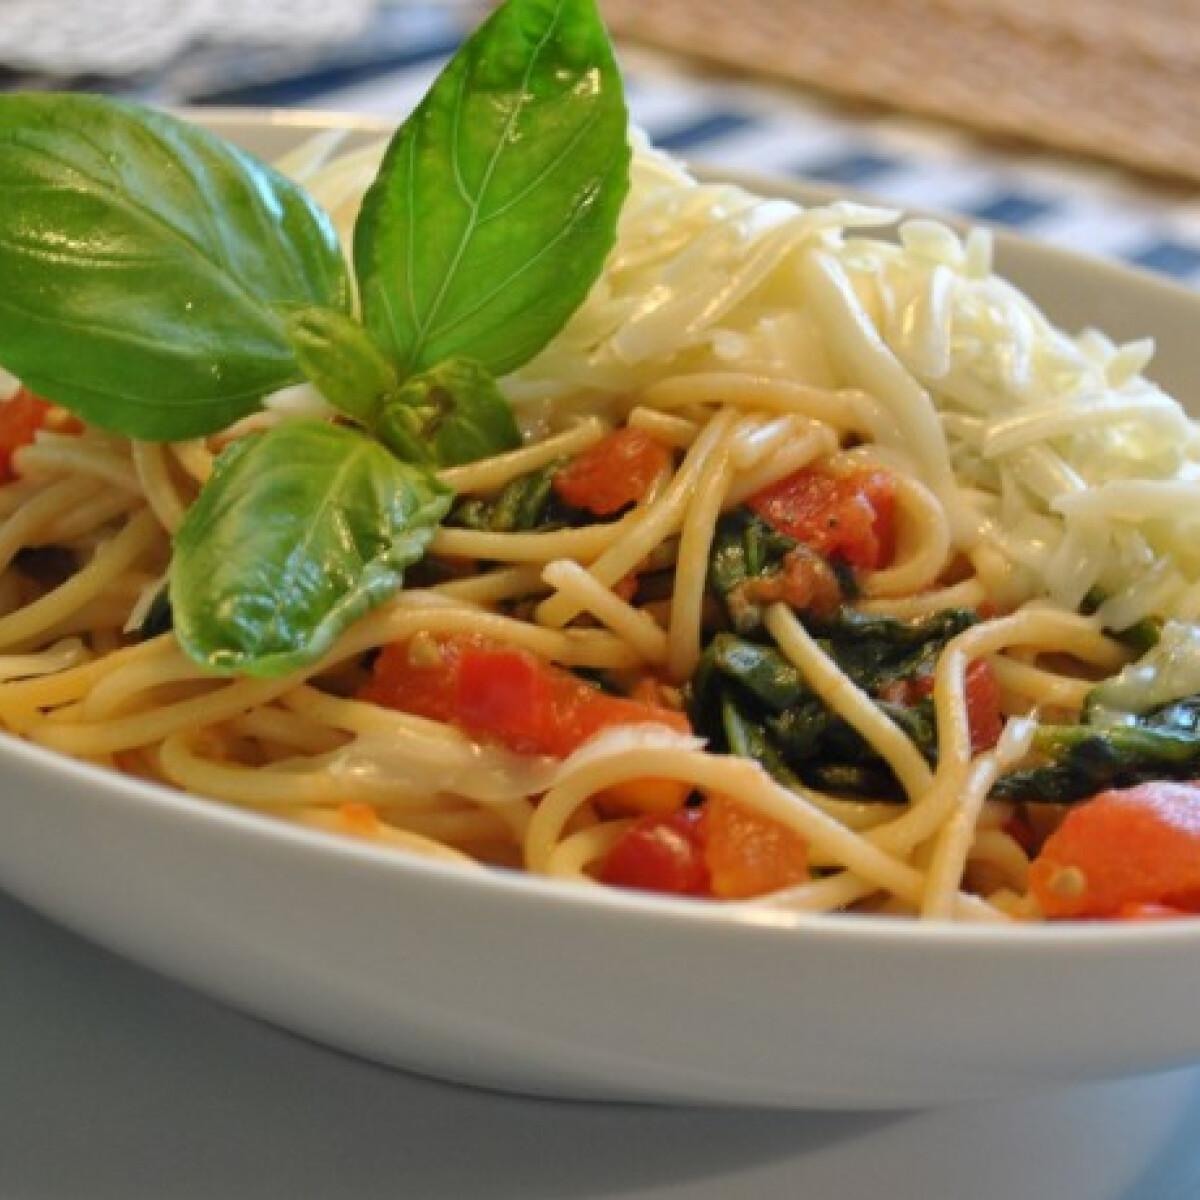 Ezen a képen: Teljes kiőrlésű spagetti spenóttal és zöldségekkel